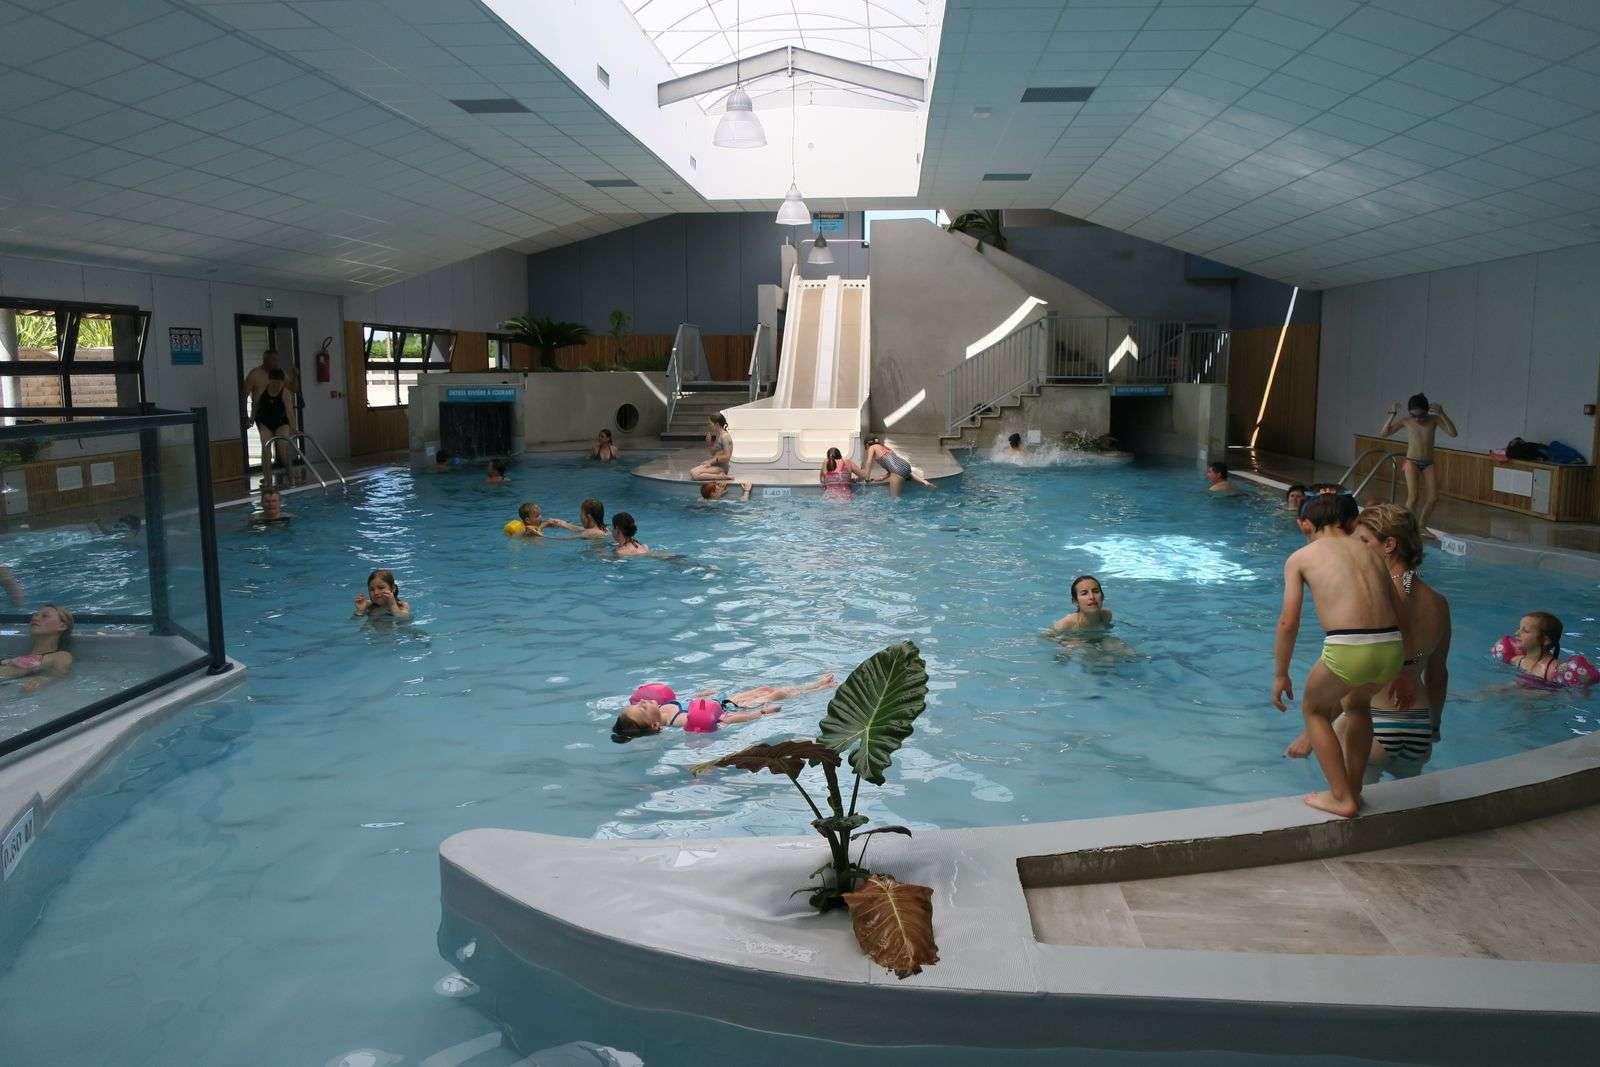 Piscine intérieur - Camping de Kersily - Plouharnel - Morbihan Bretagne Sud